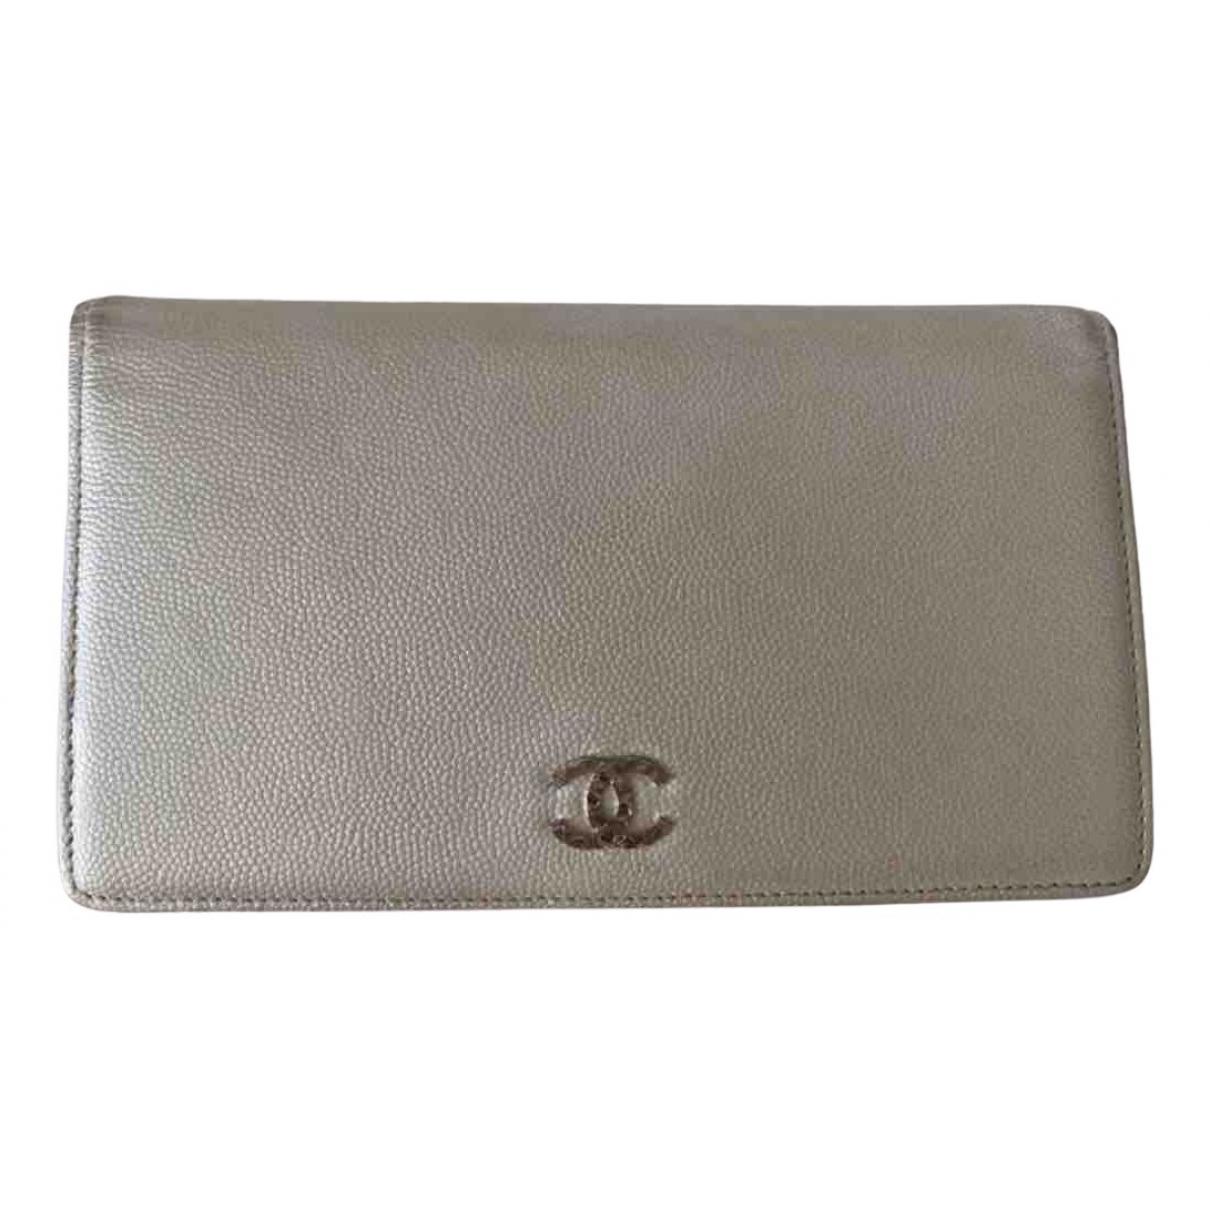 Chanel - Portefeuille   pour femme en cuir - metallise